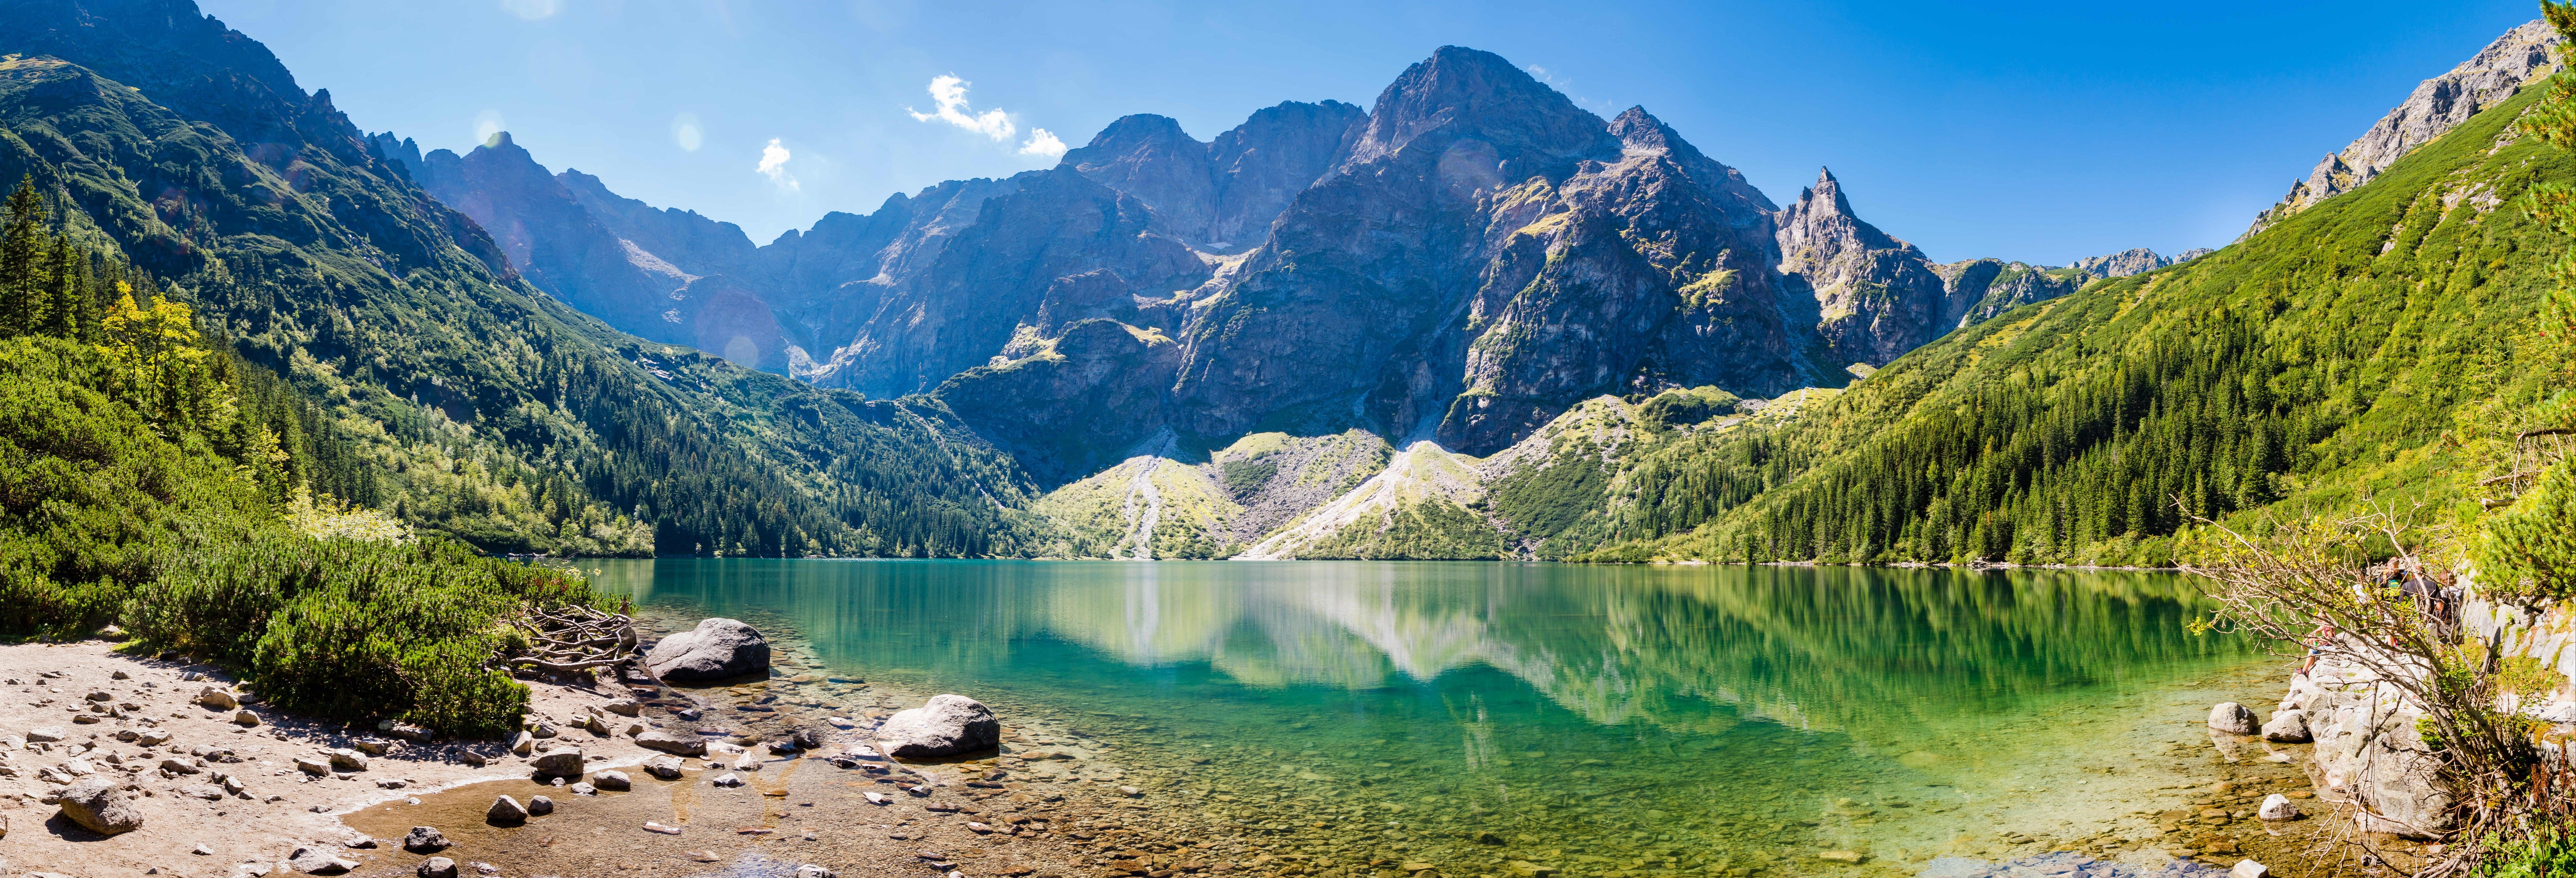 Senderismo por los montes Tatras y lago Morskie Oko